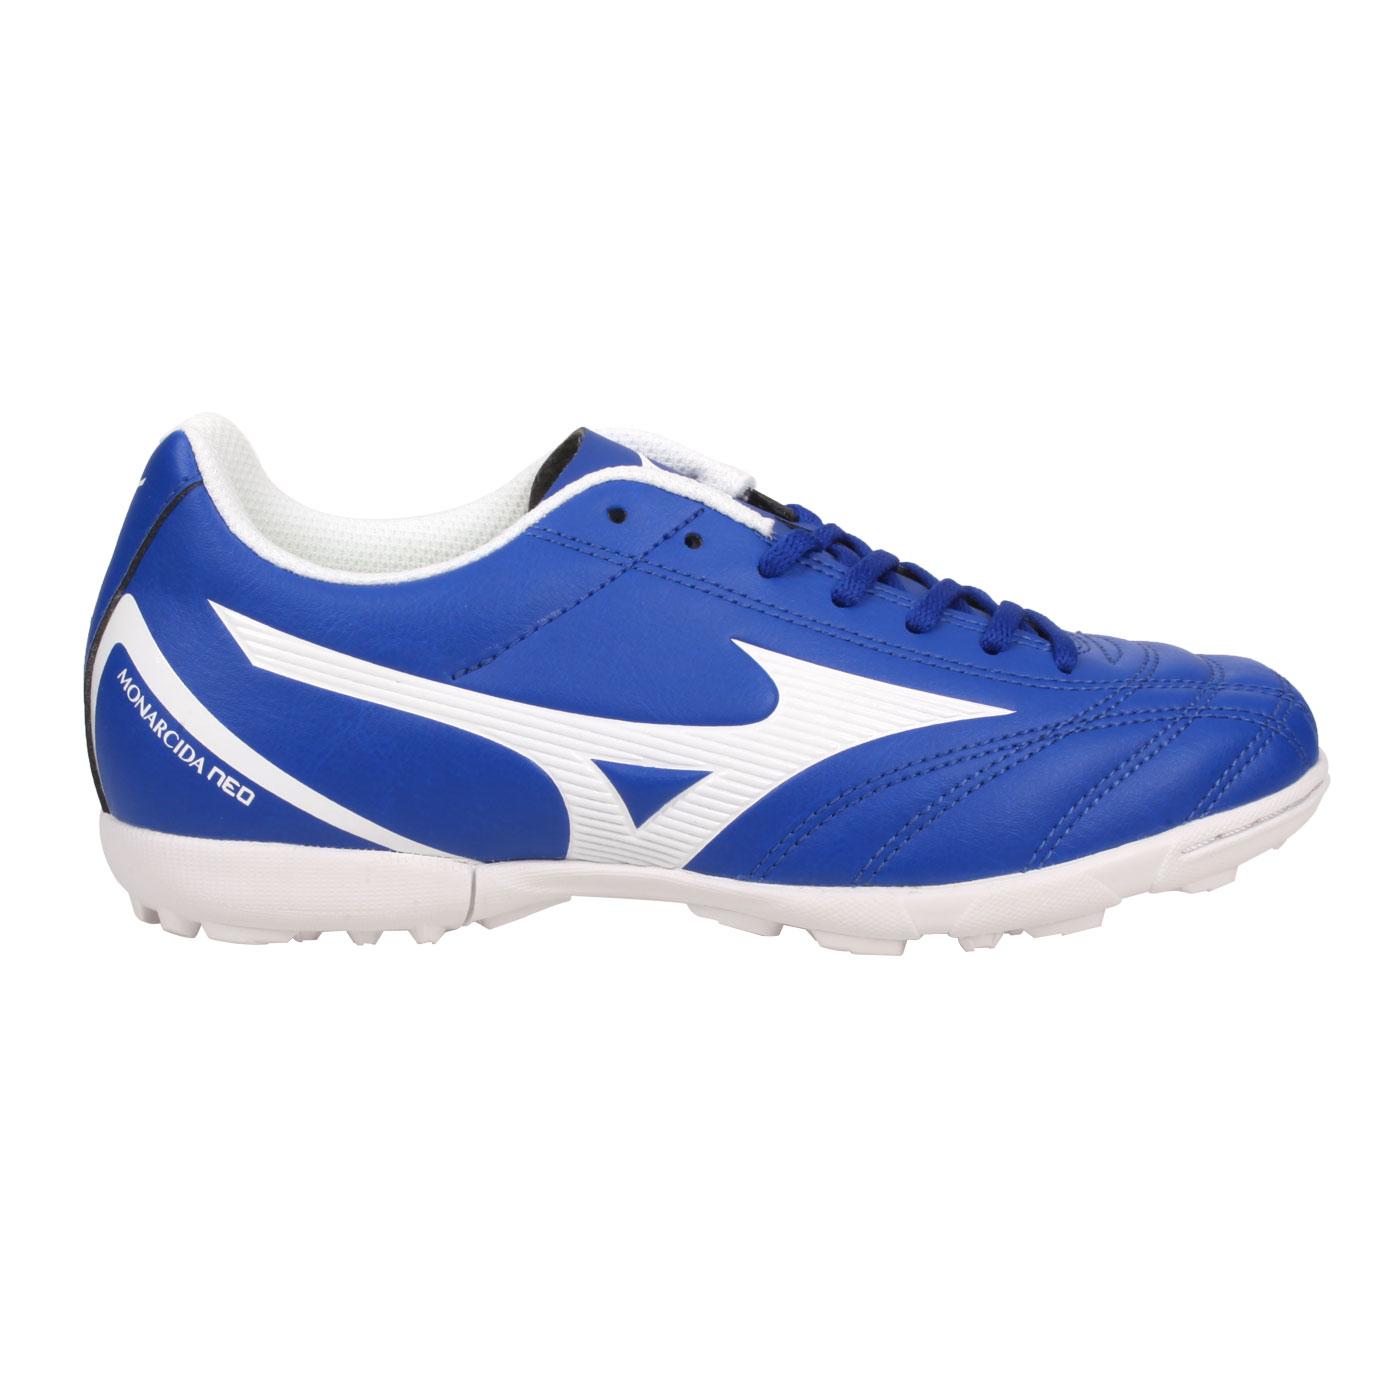 MIZUNO 大童足球鞋-WIDE  @MONARCIDA NEO SELECT JR AS@P1GE202501 - 藍白